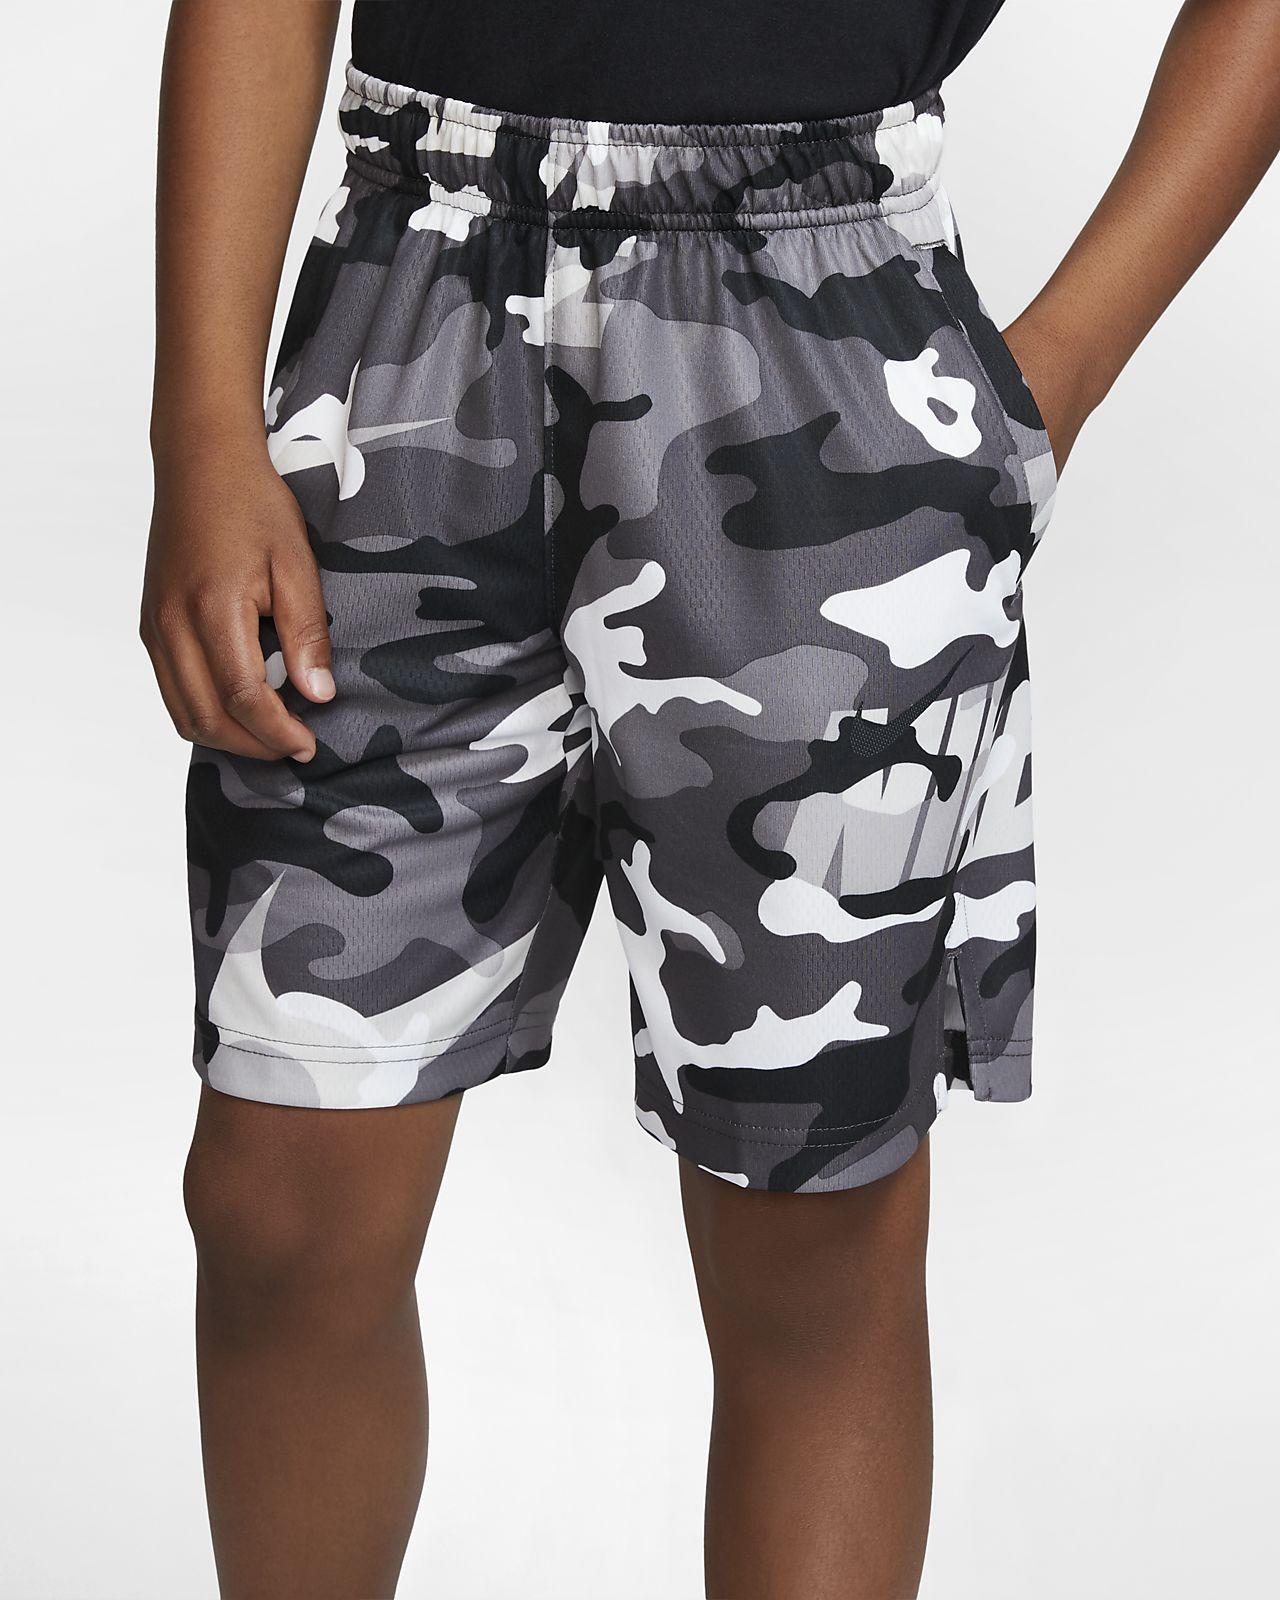 กางเกงเทรนนิ่งขาสั้นลายพรางเด็กชาย Nike Dri-FIT